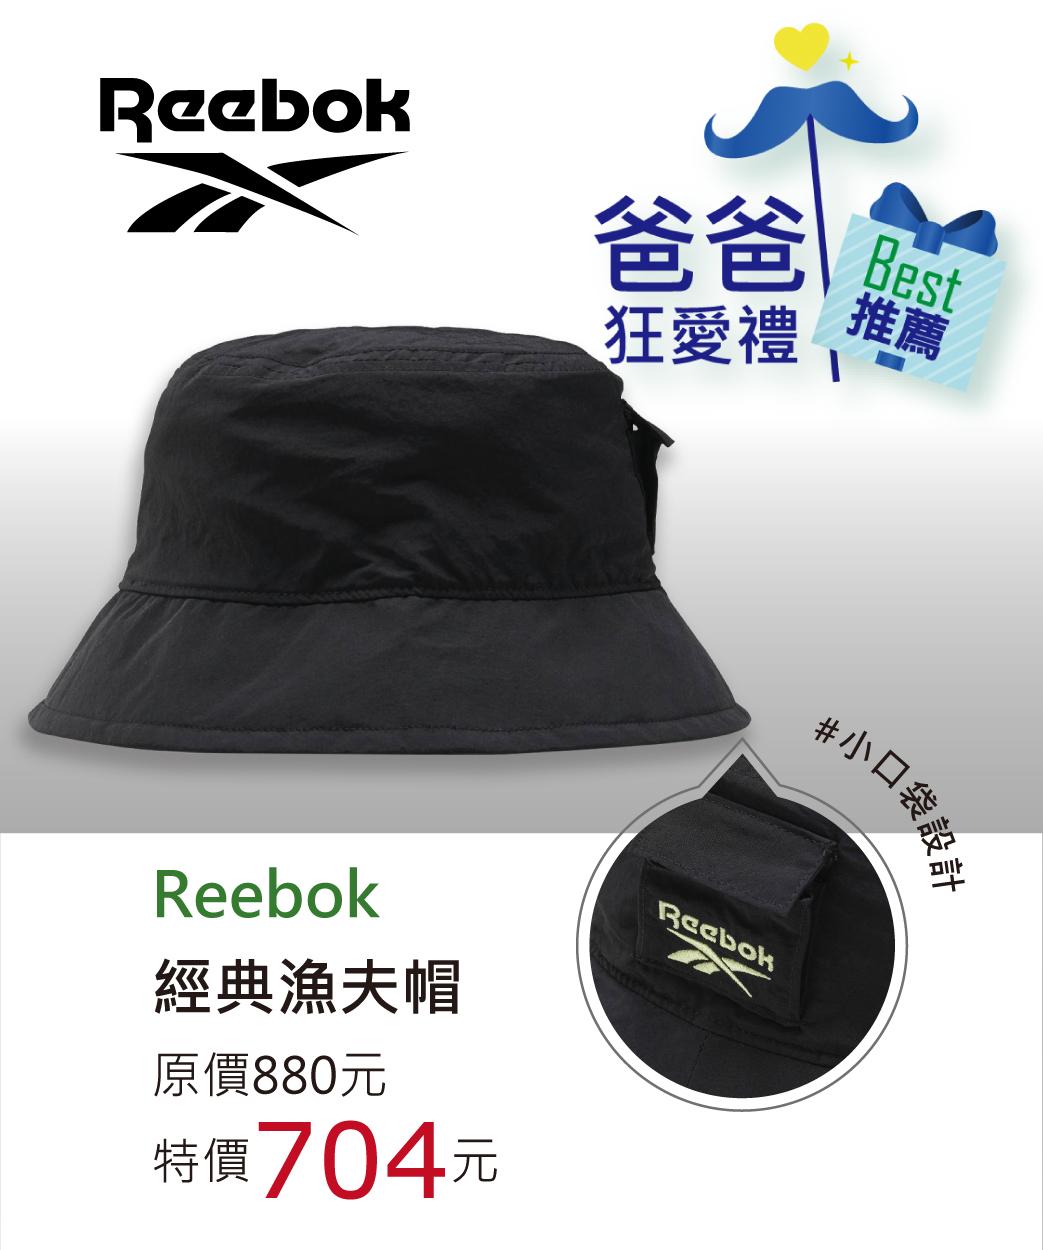 專櫃_Reebok 帽.jpg